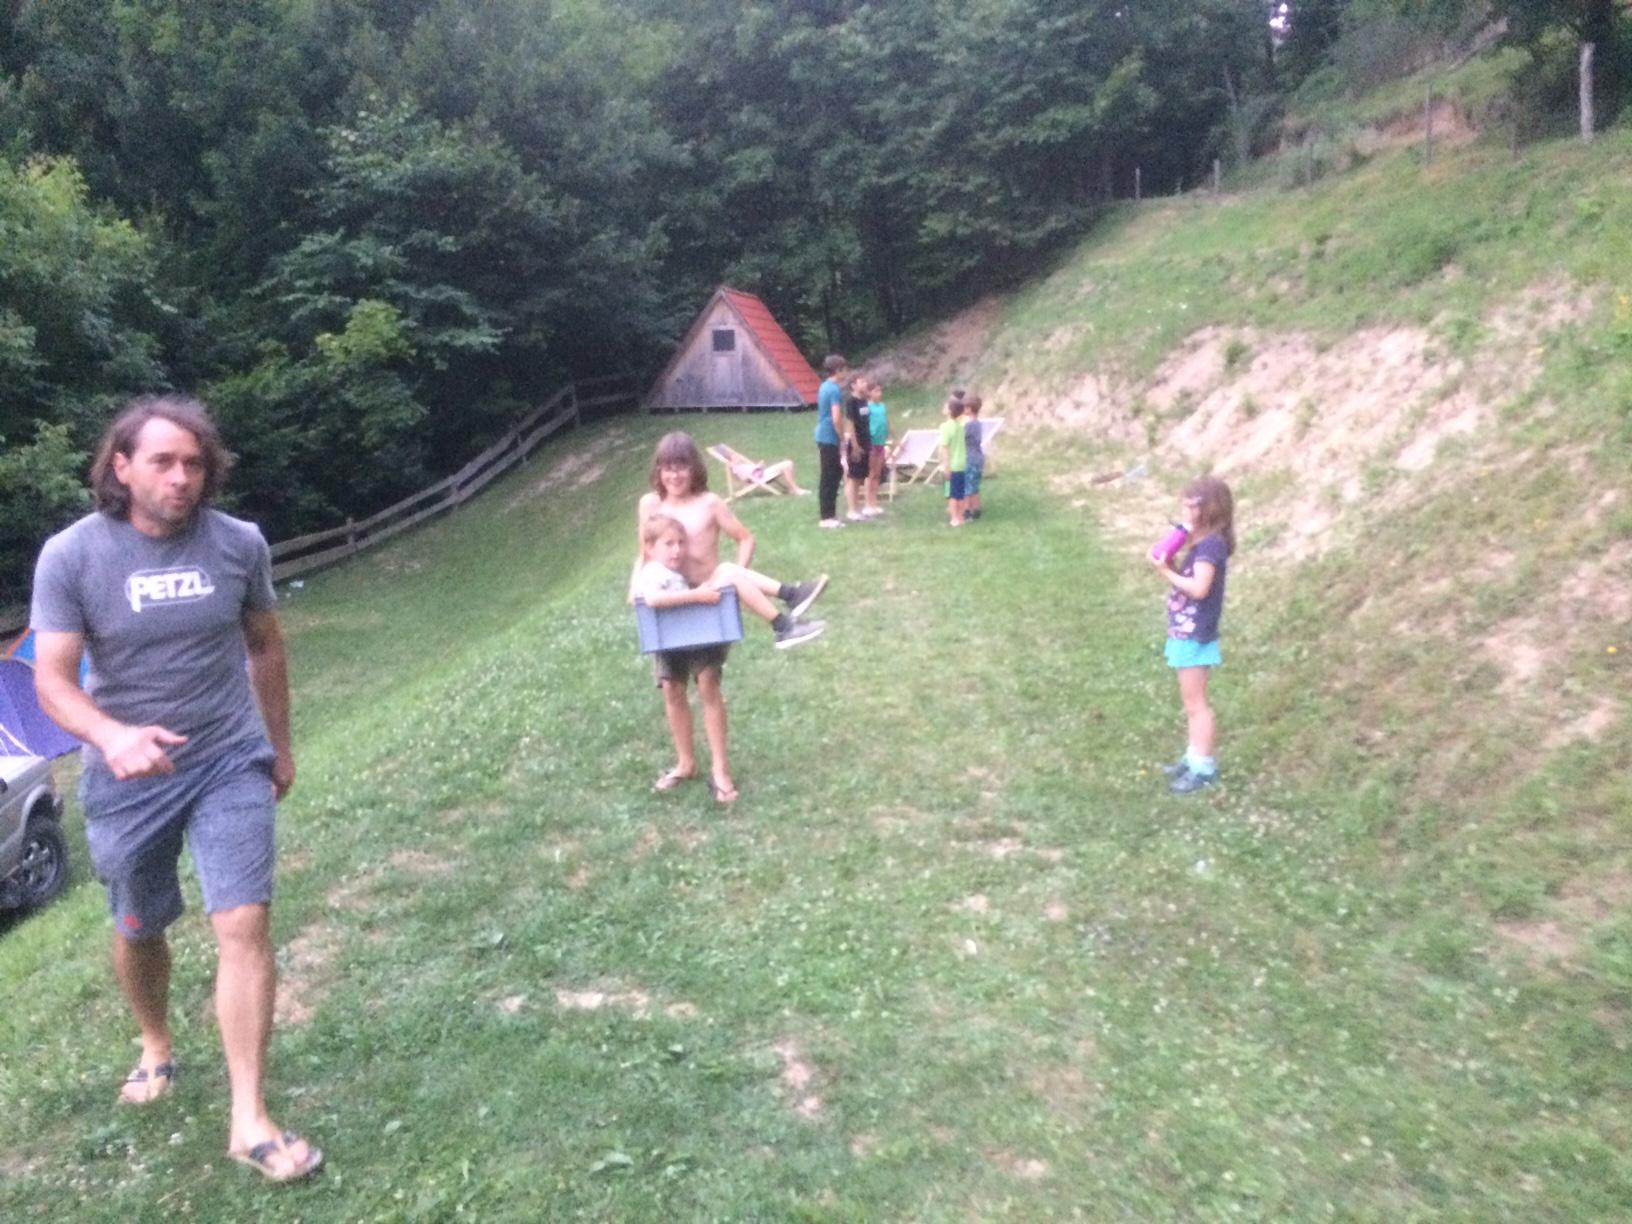 Plezalni tabor za otroke Grif_23.JPG